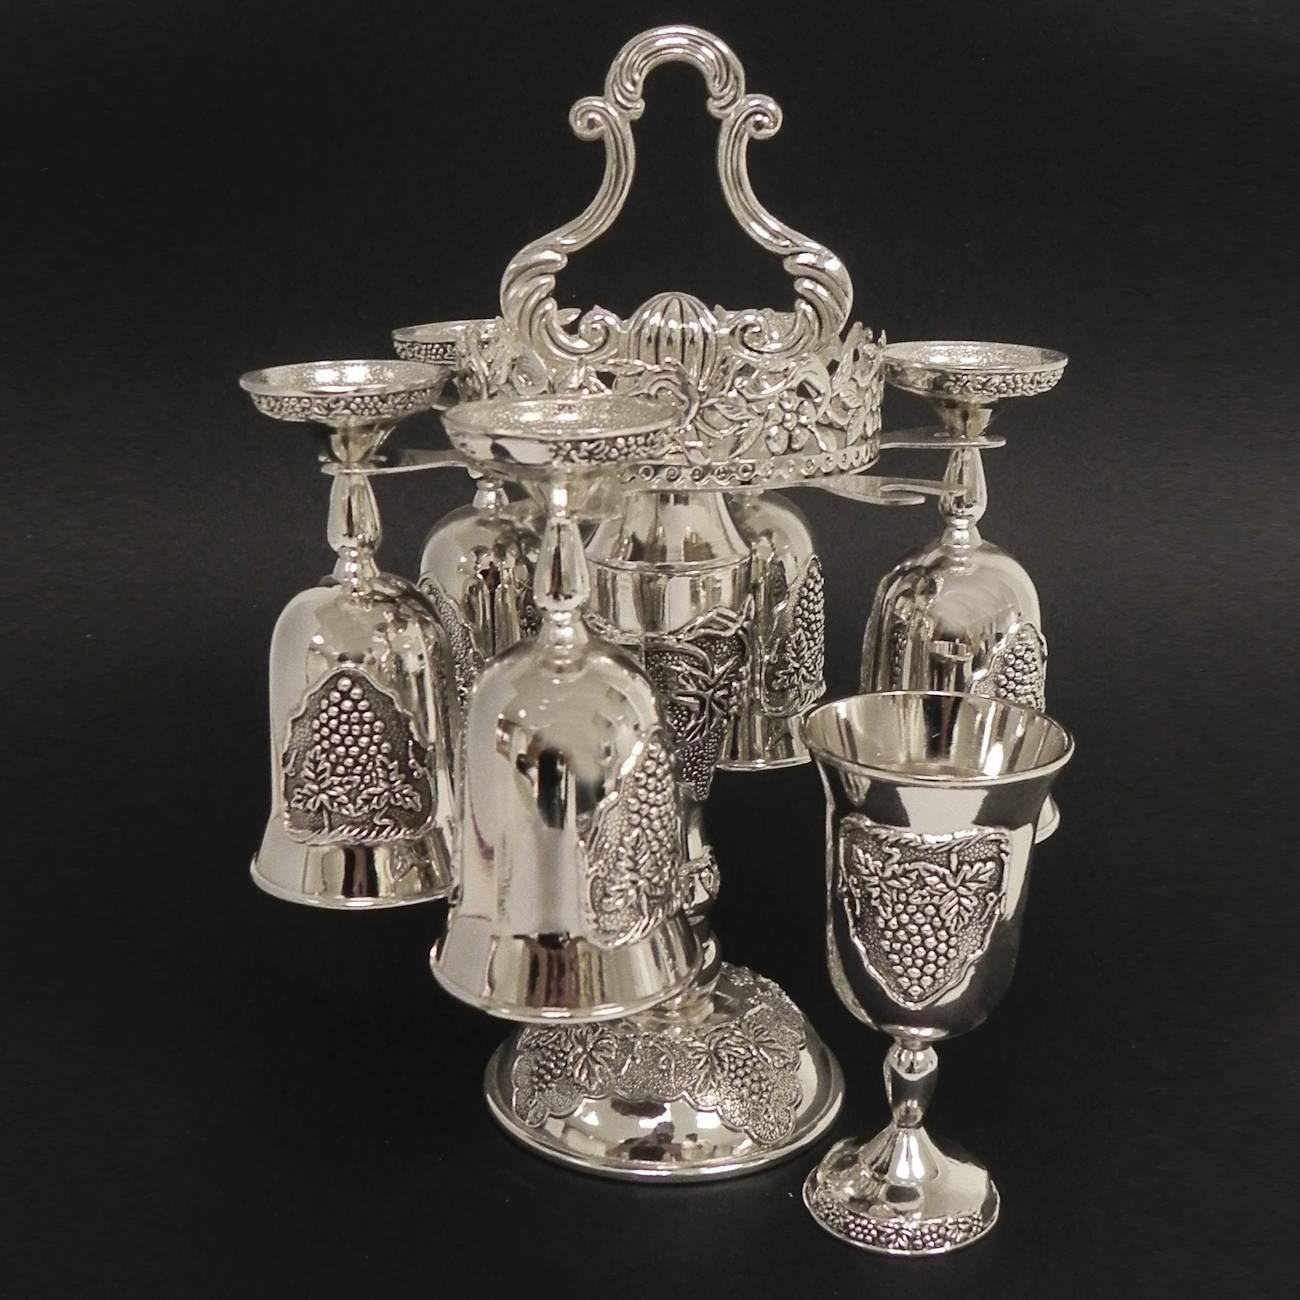 Suporte com 6 Taças para Vinho em Zinco - Prestige - 20x15 cm